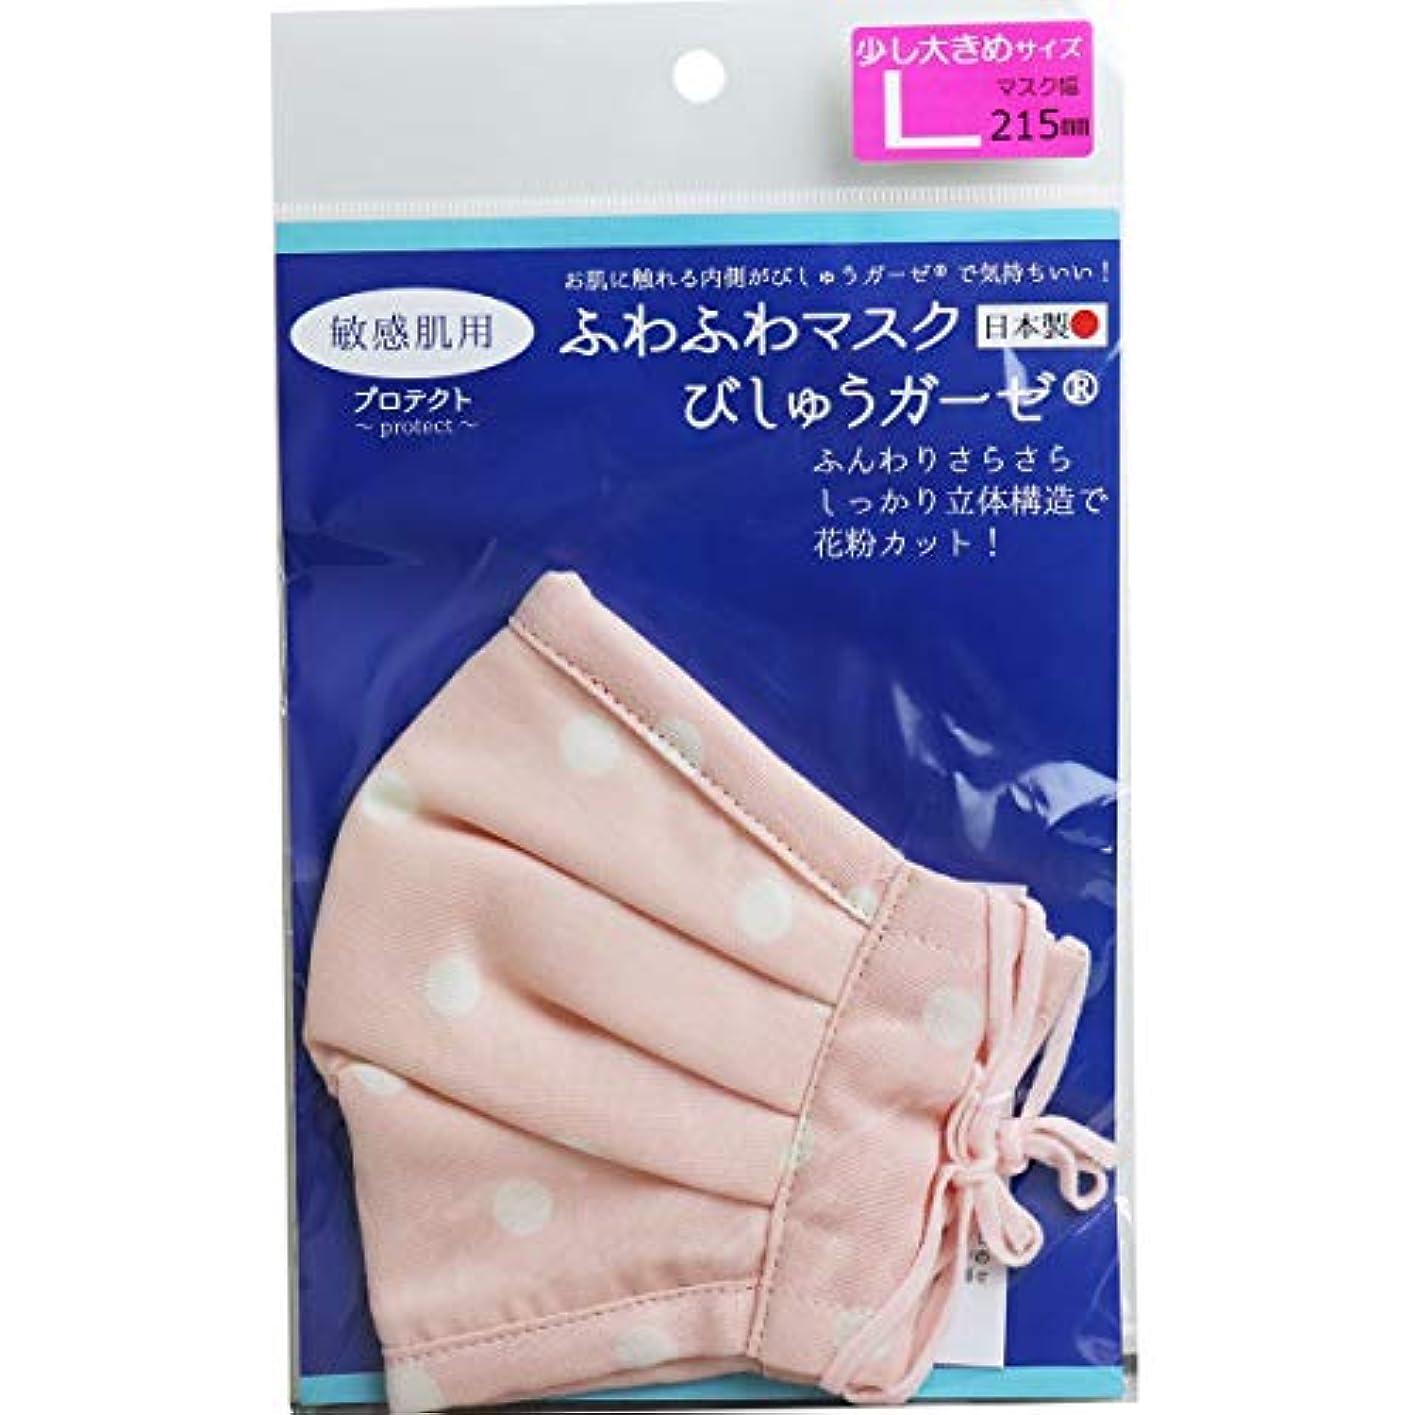 逸脱活気づける前提条件ふわふわマスク びしゅうガーゼ 敏感肌用 ピンクドット 少し大きめサイズ 1枚入×2個セット